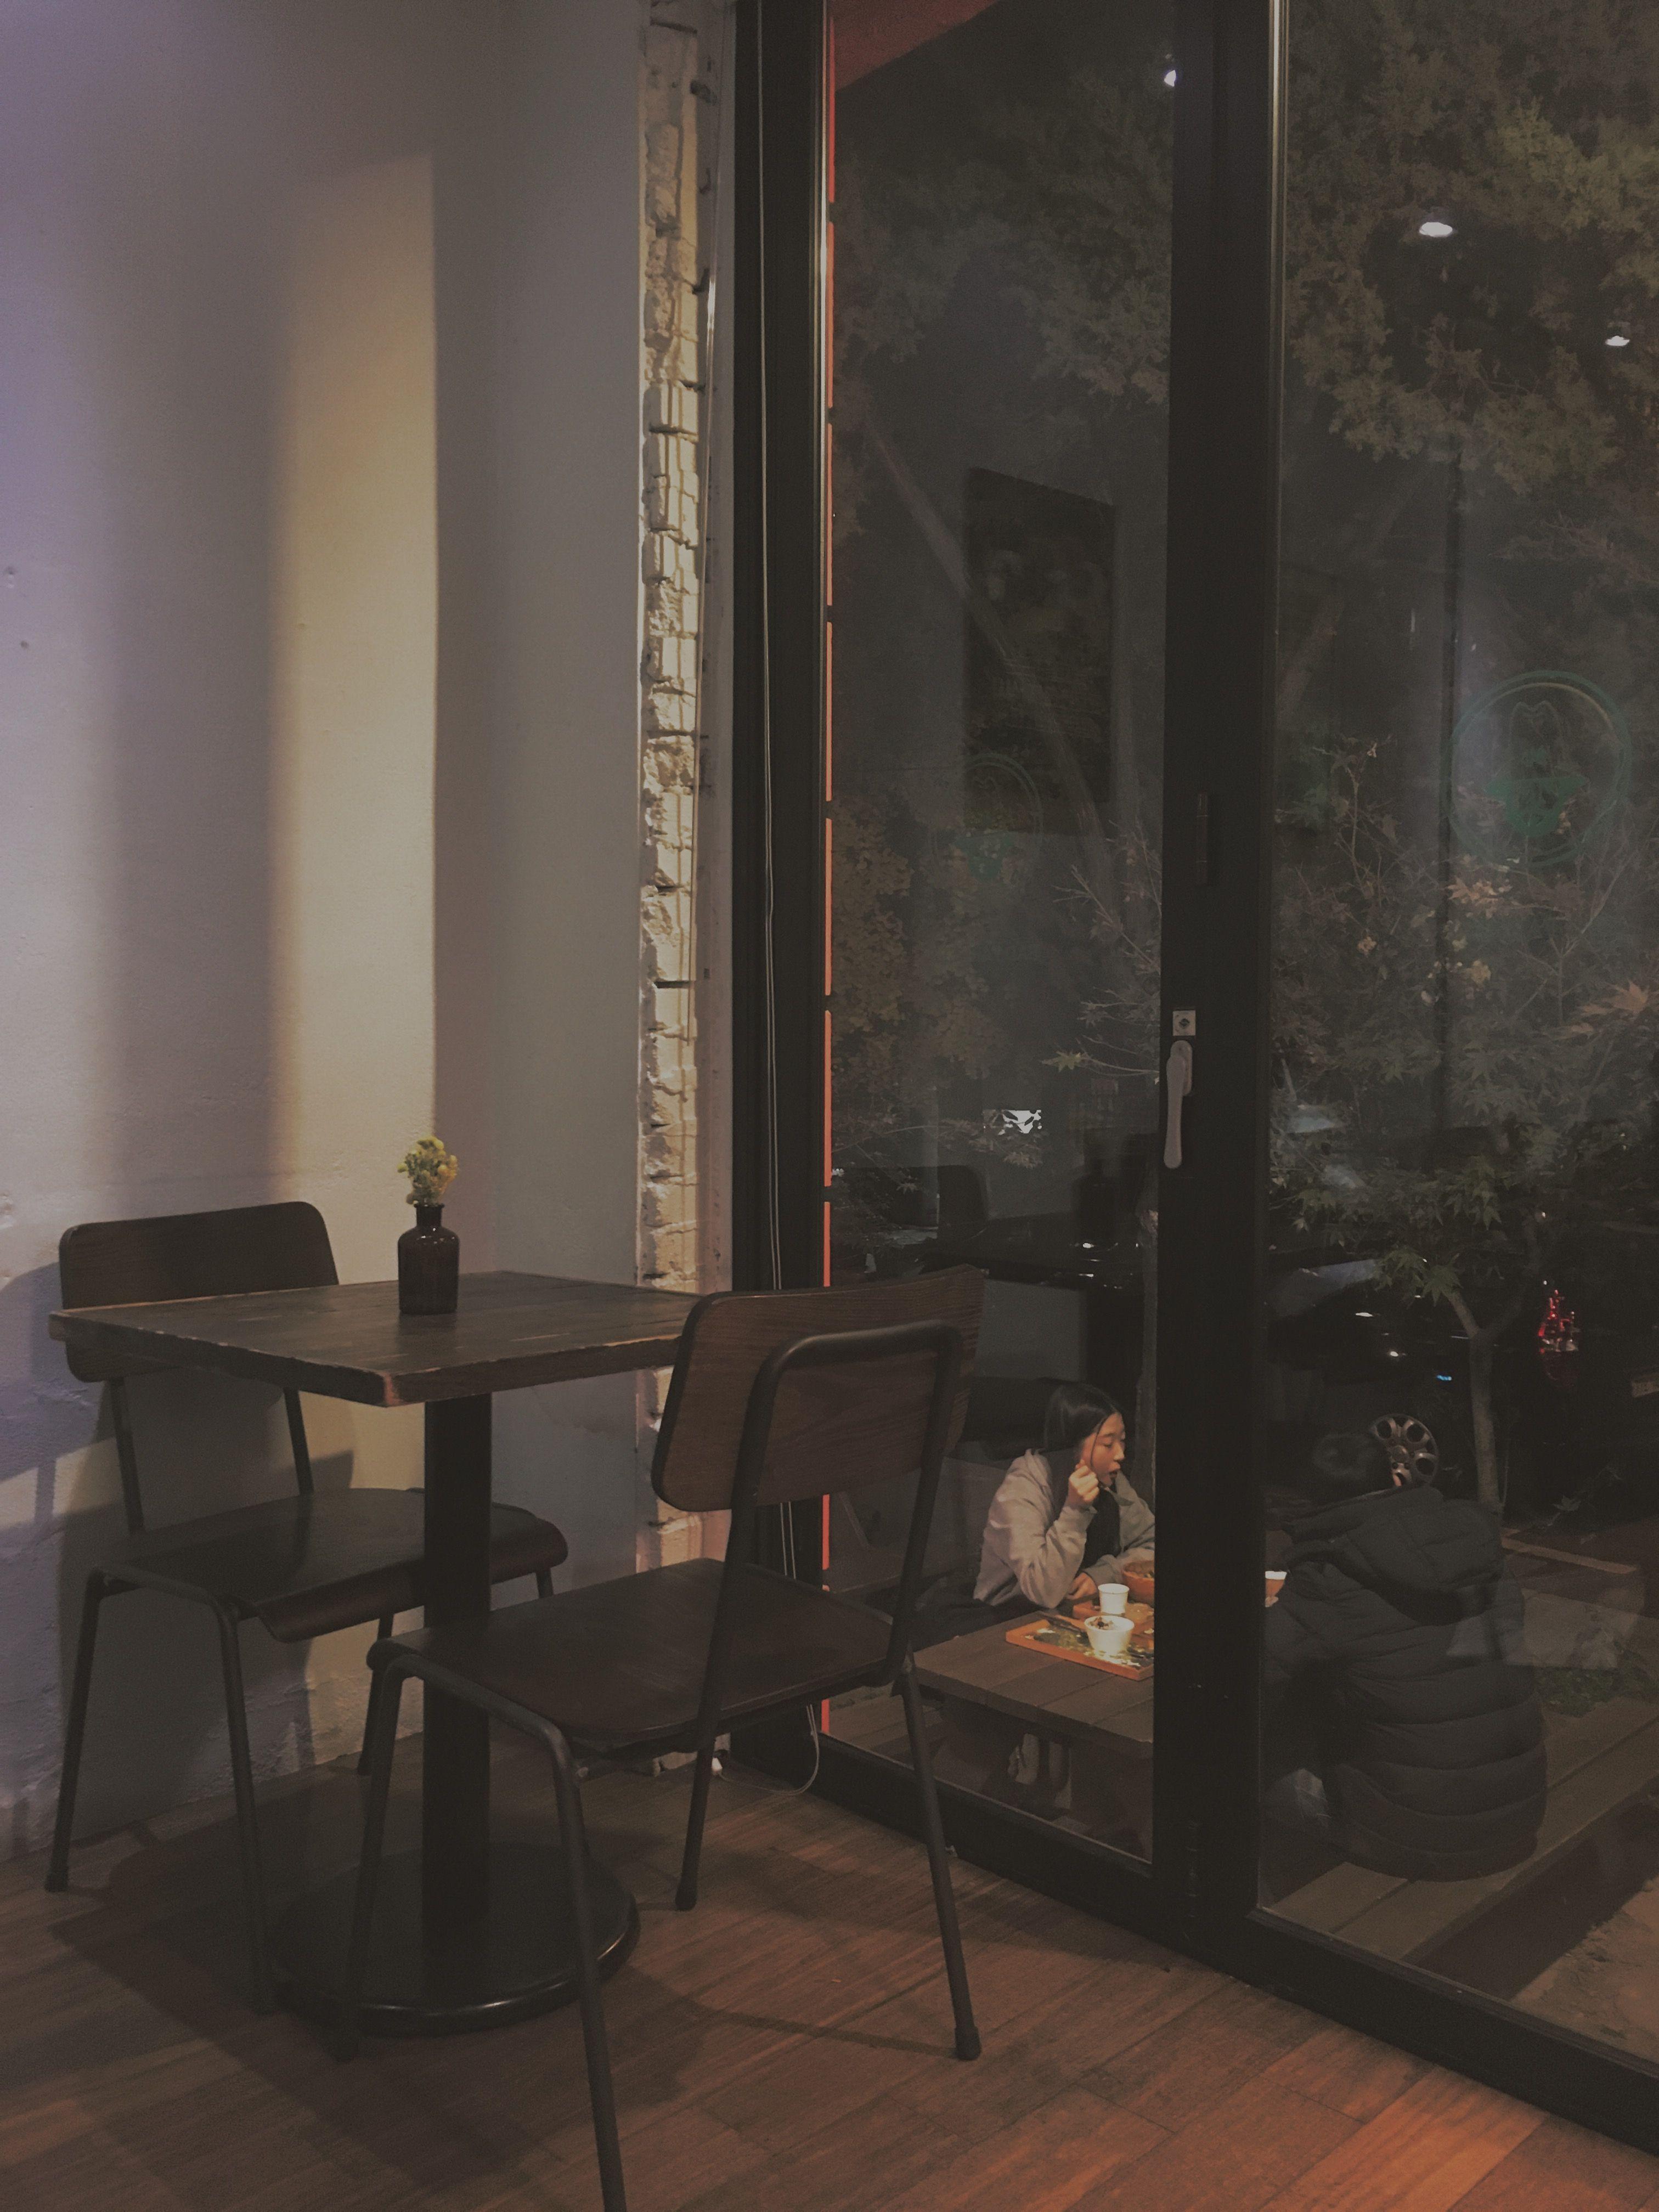 Seoul Korea Aestethic Street City Night Caffe Restaurantdesign Wallpaper Ponsel Ilustrasi Tempat